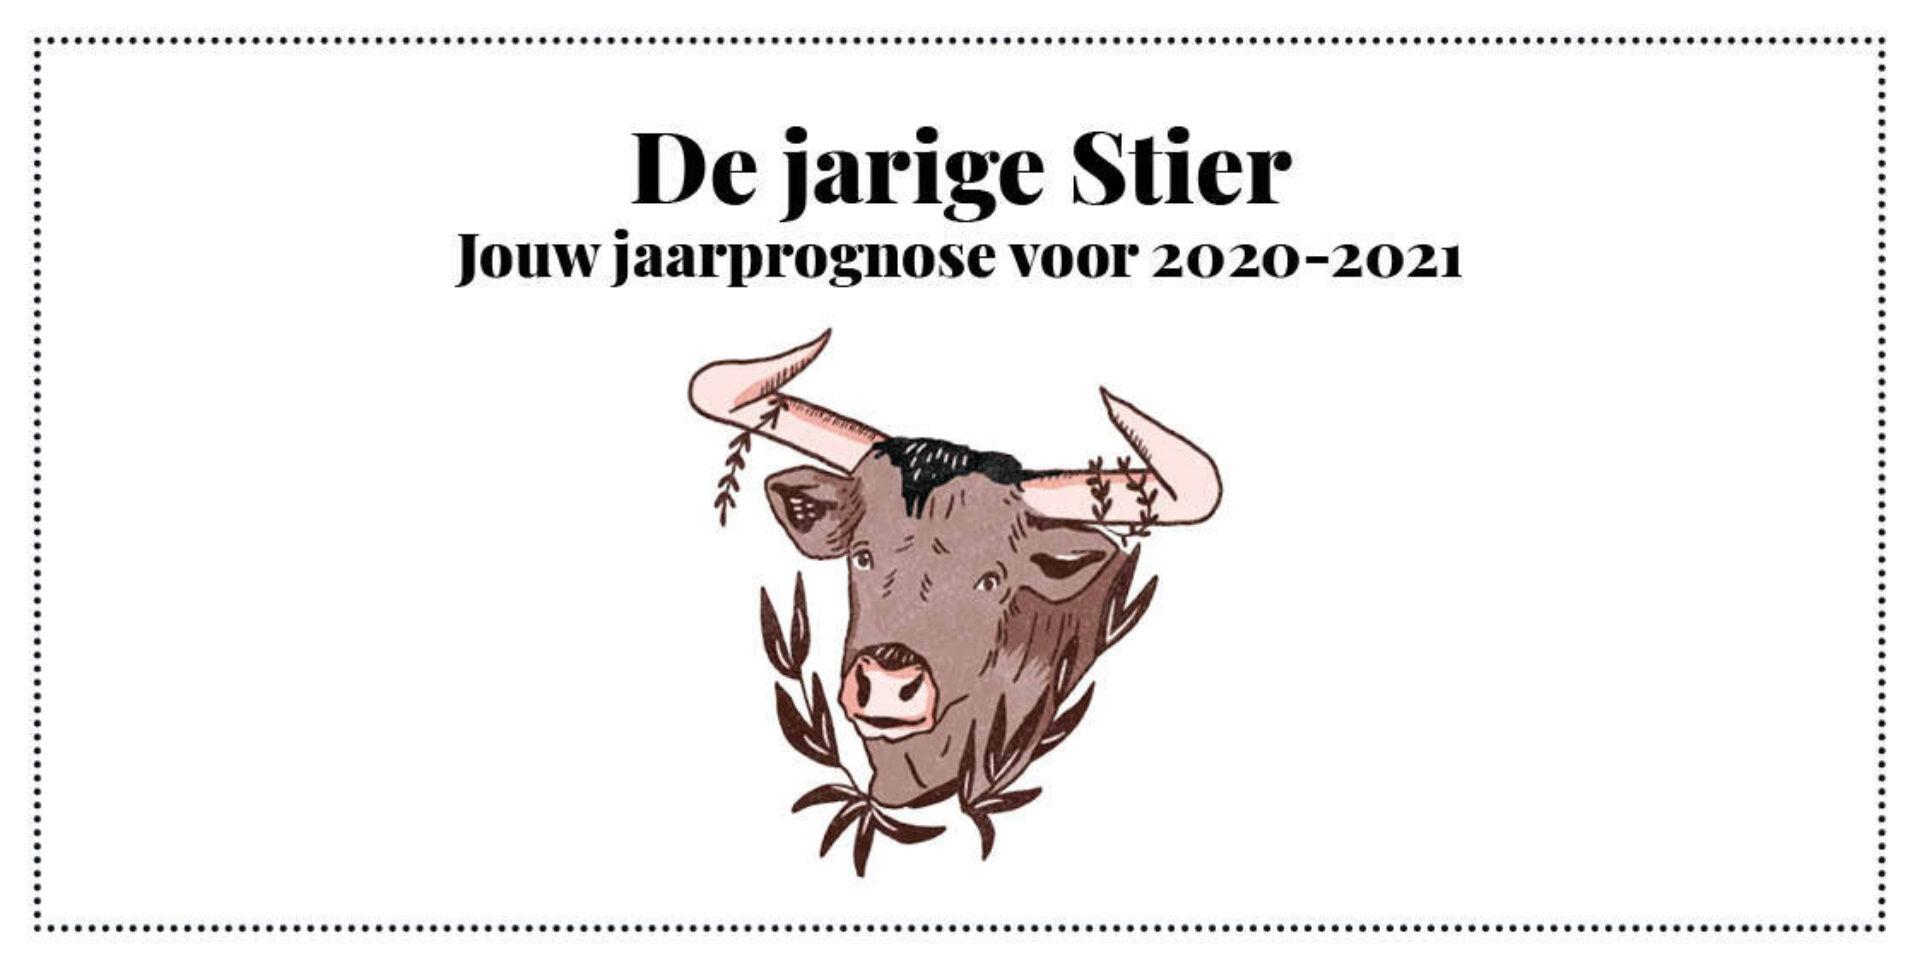 Stier, jouw jaarhoroscoop 2020-2021